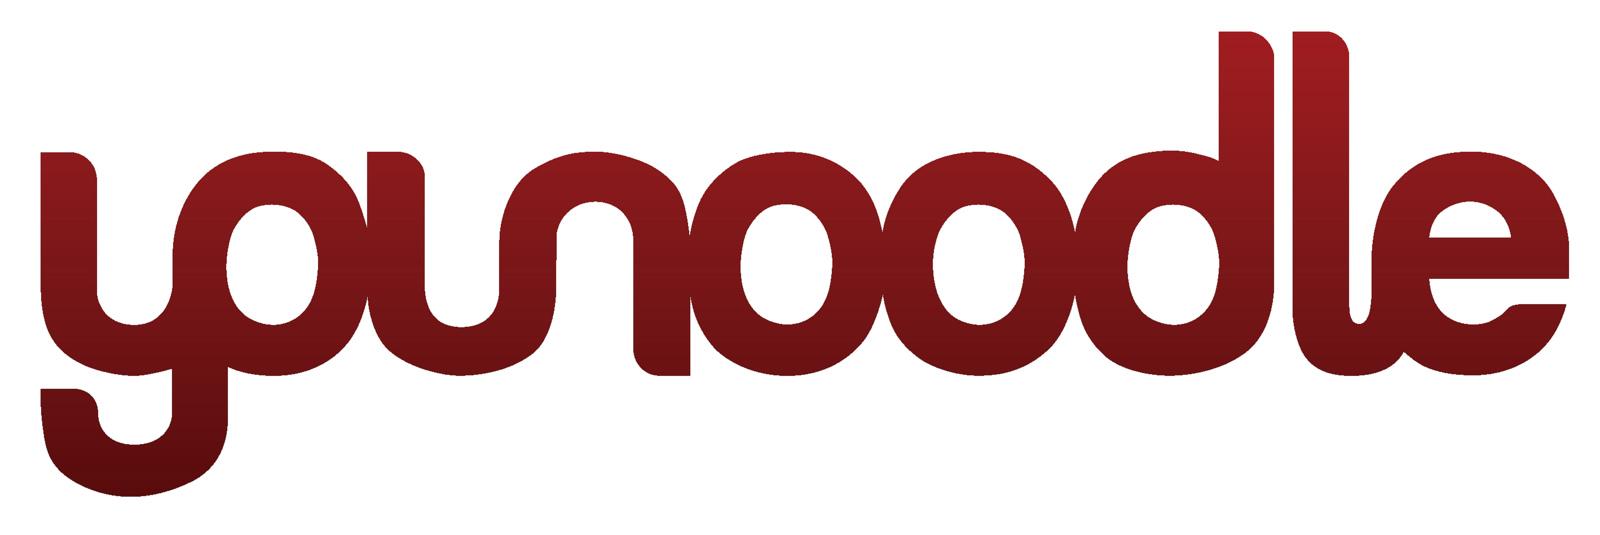 YouNoodleLogo